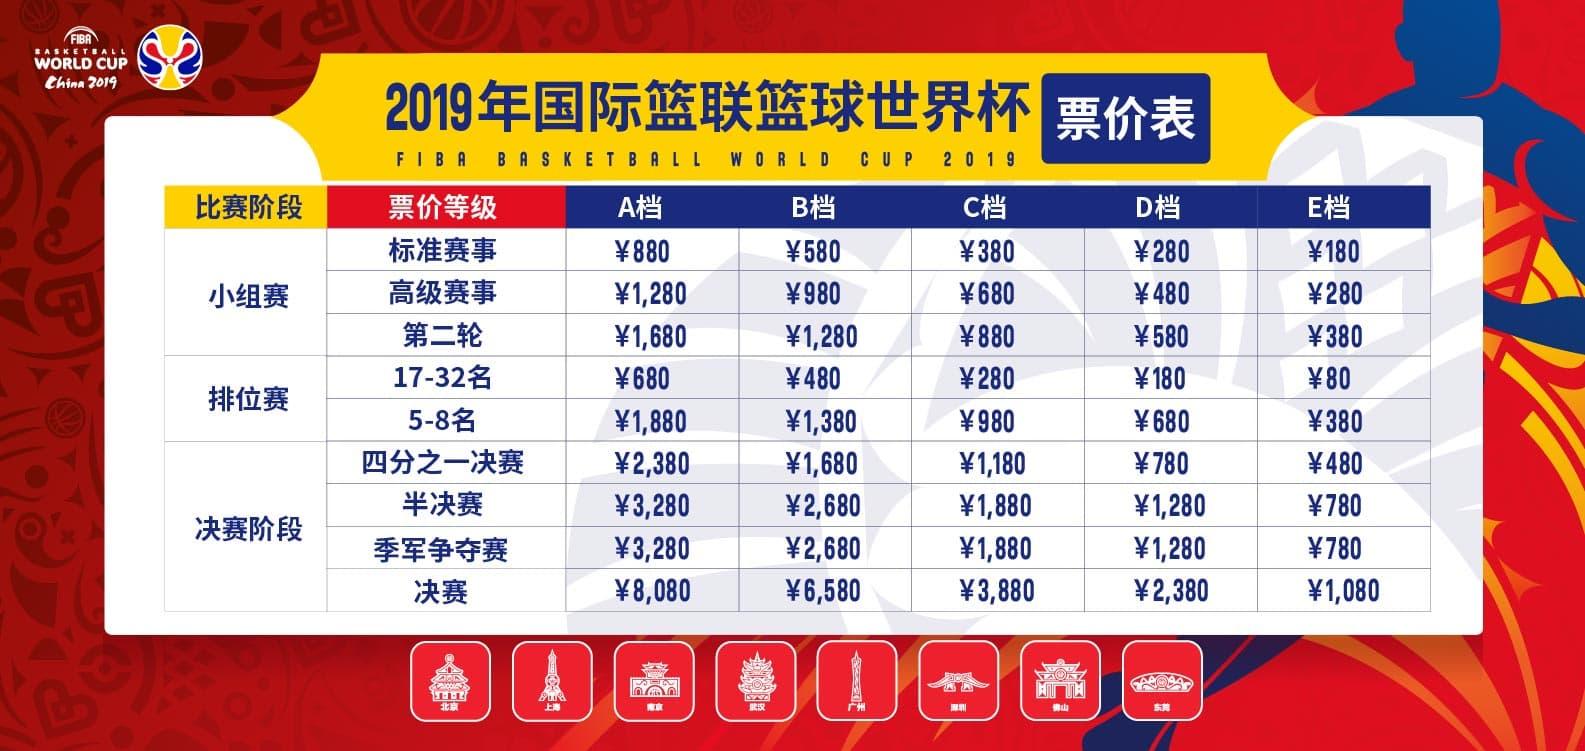 2019篮球世界杯订票官网+中文官网